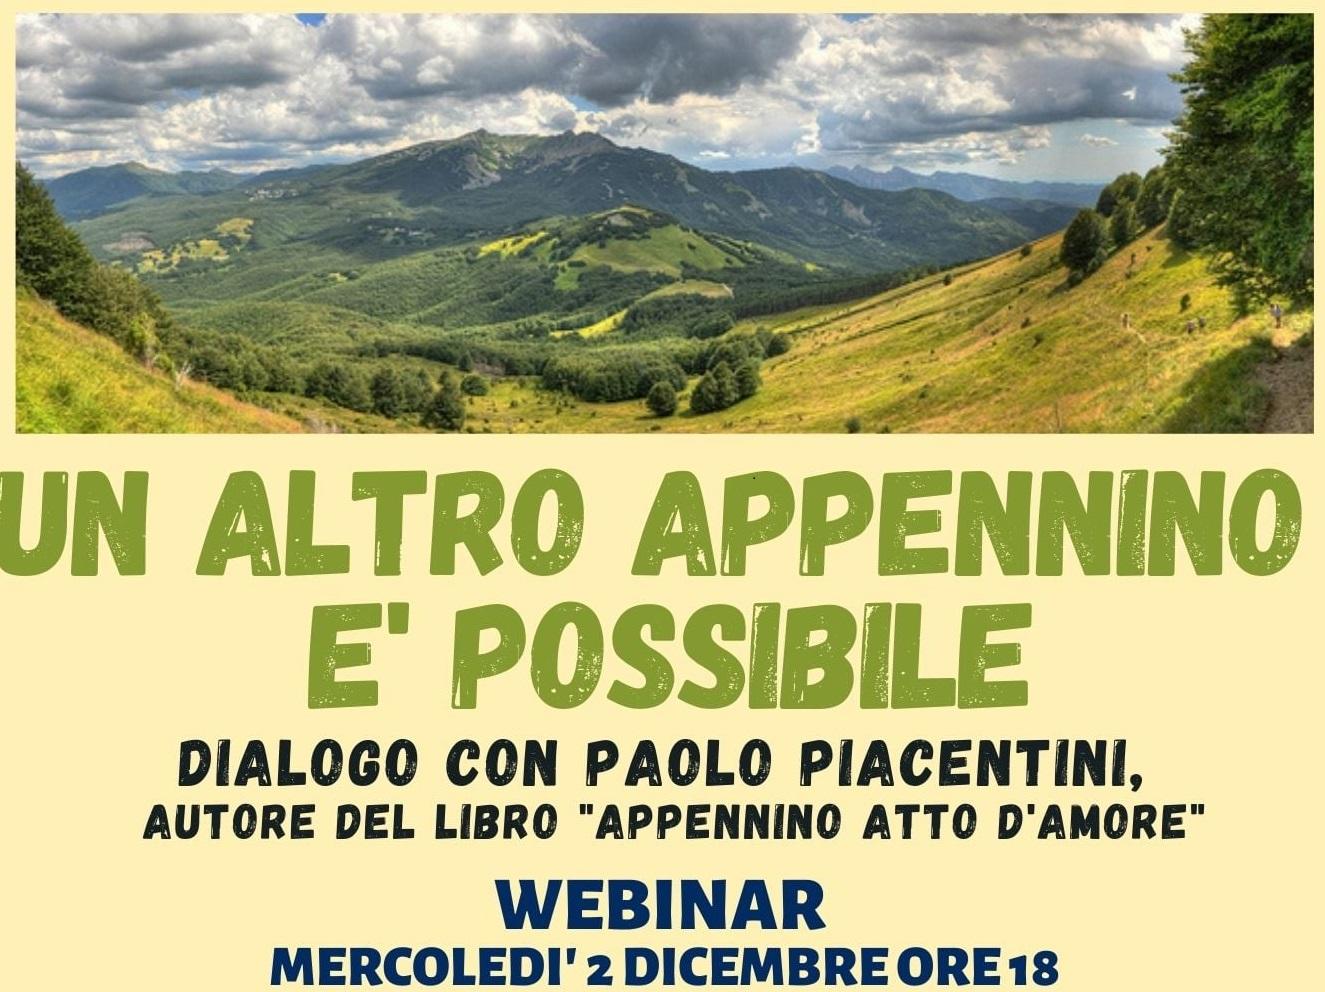 Un altro Appennino è possibile? Mercoledì 2 dicembre dialogo con Paolo Piacentini